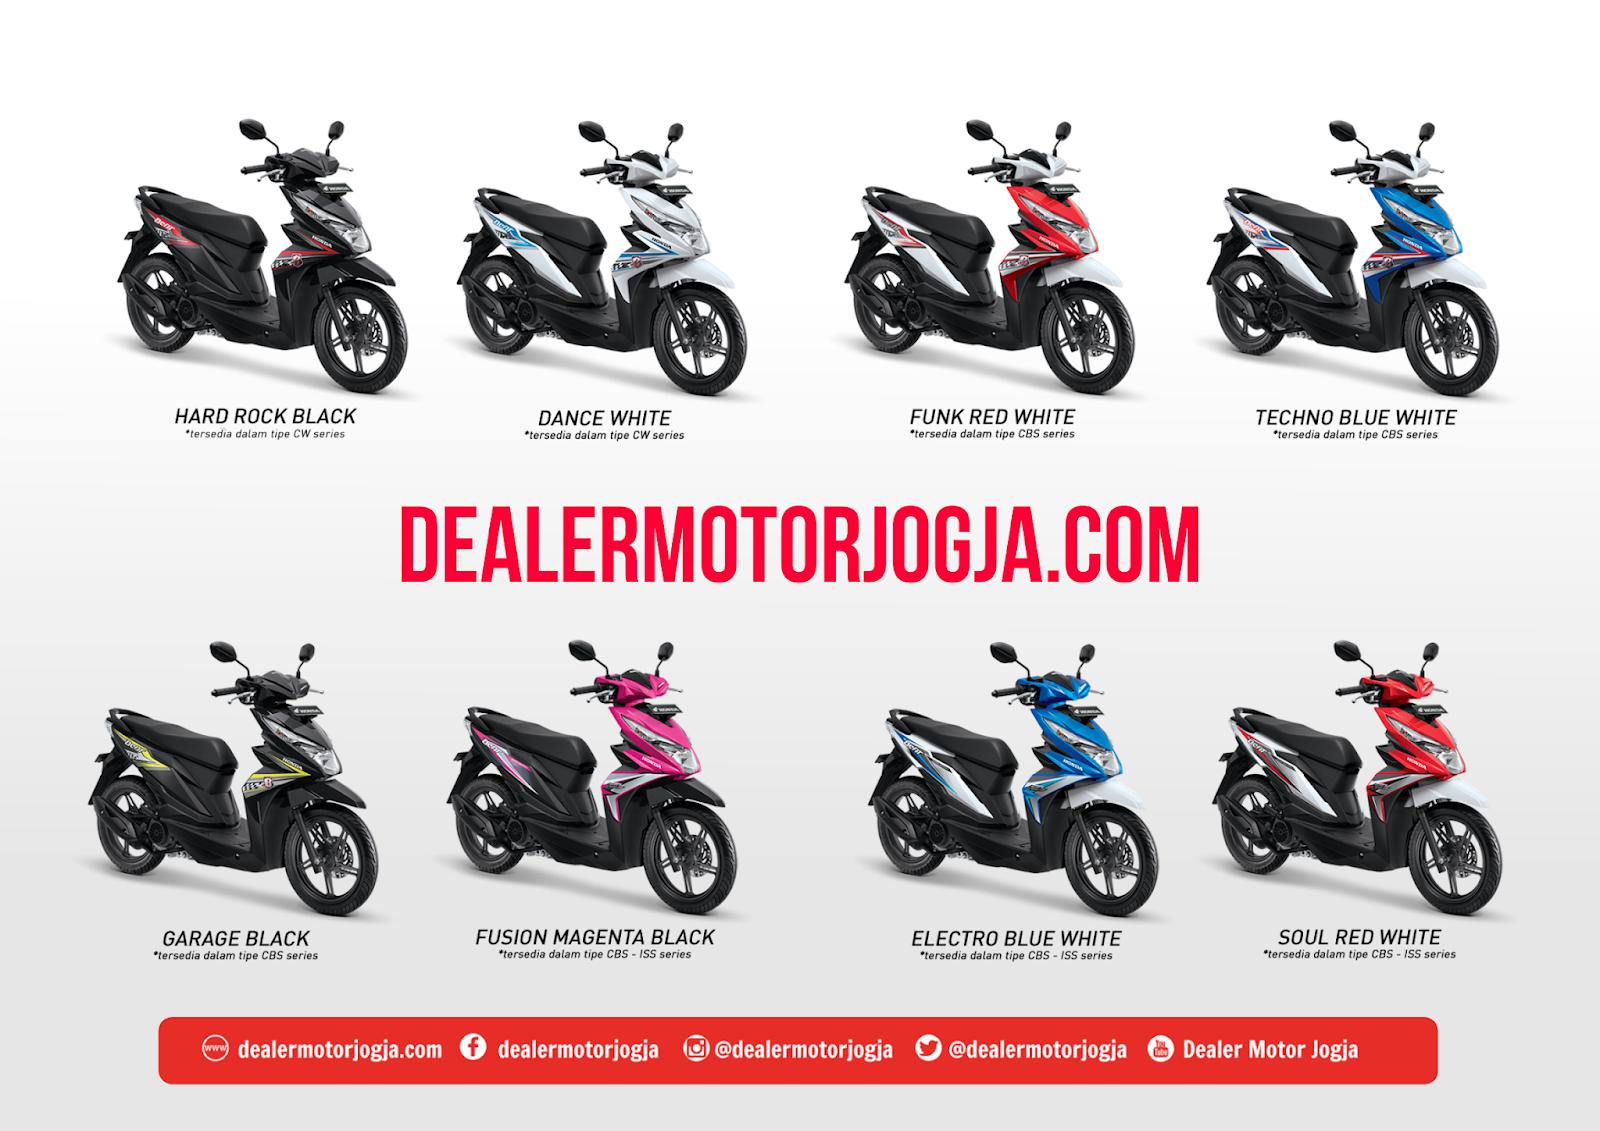 Jual Beli Motor Honda Bekas Surakarta Jawa Tengah Beat New Street Esp Black Sukoharjo Spesifikasi Lengkap All 2018